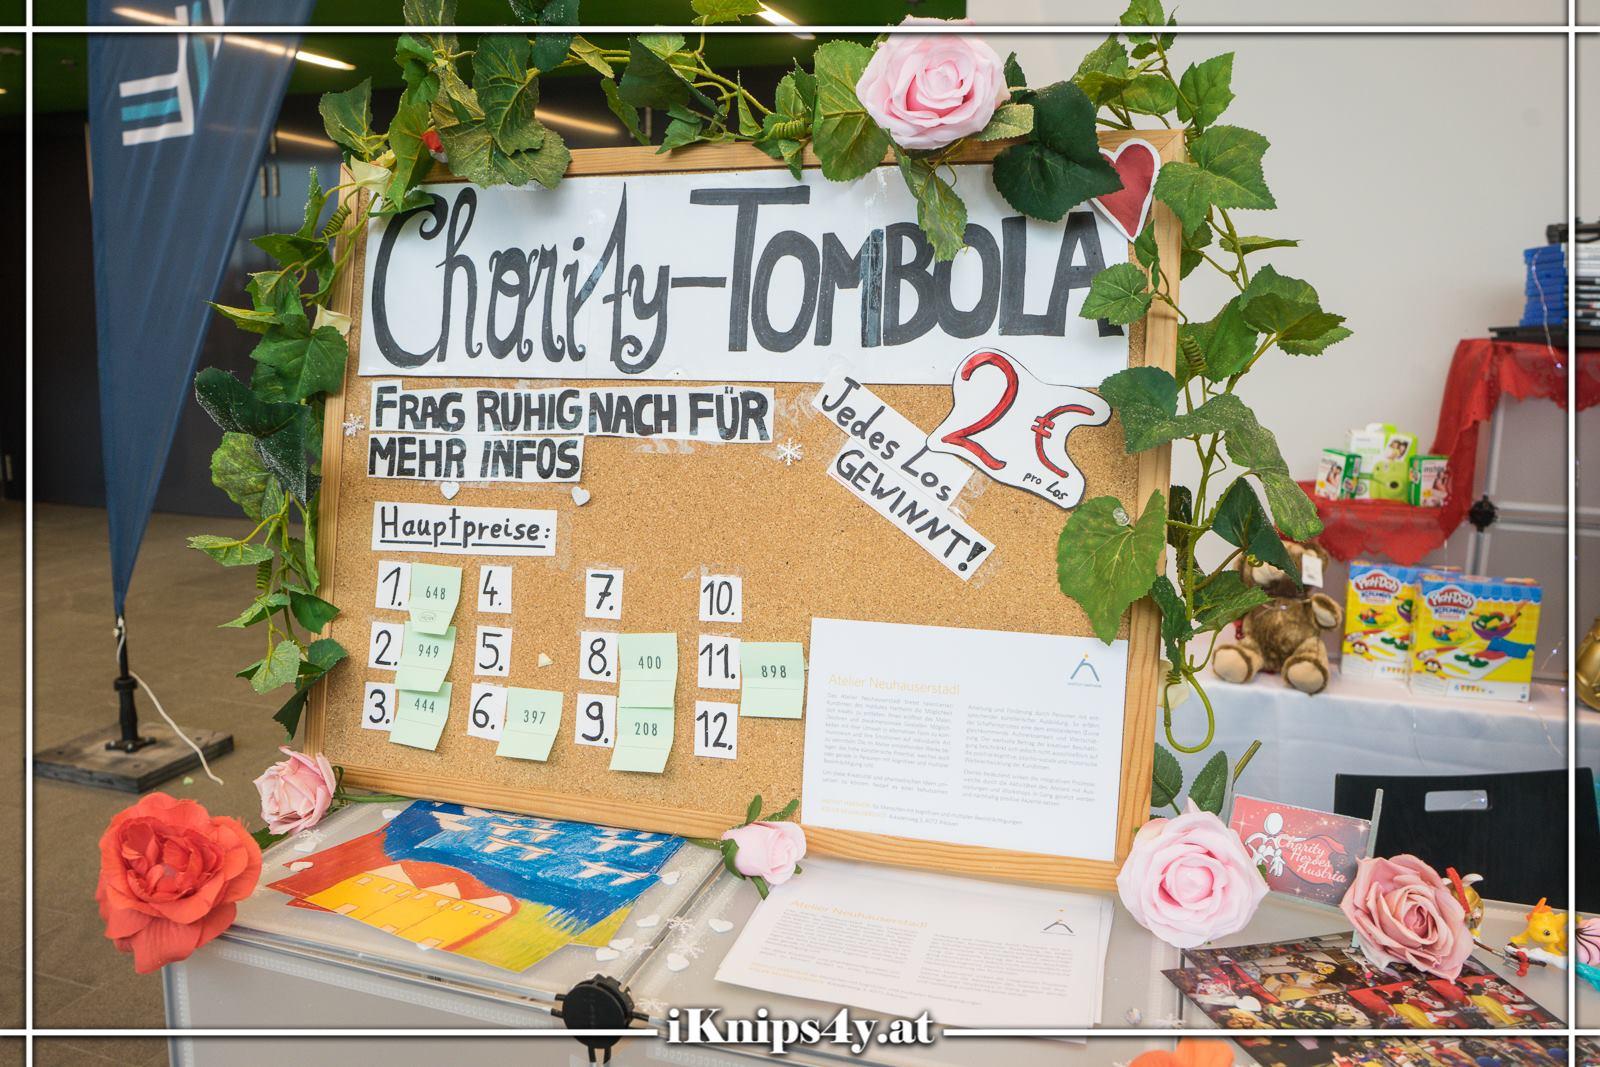 Charity-Tombola auf der ACC